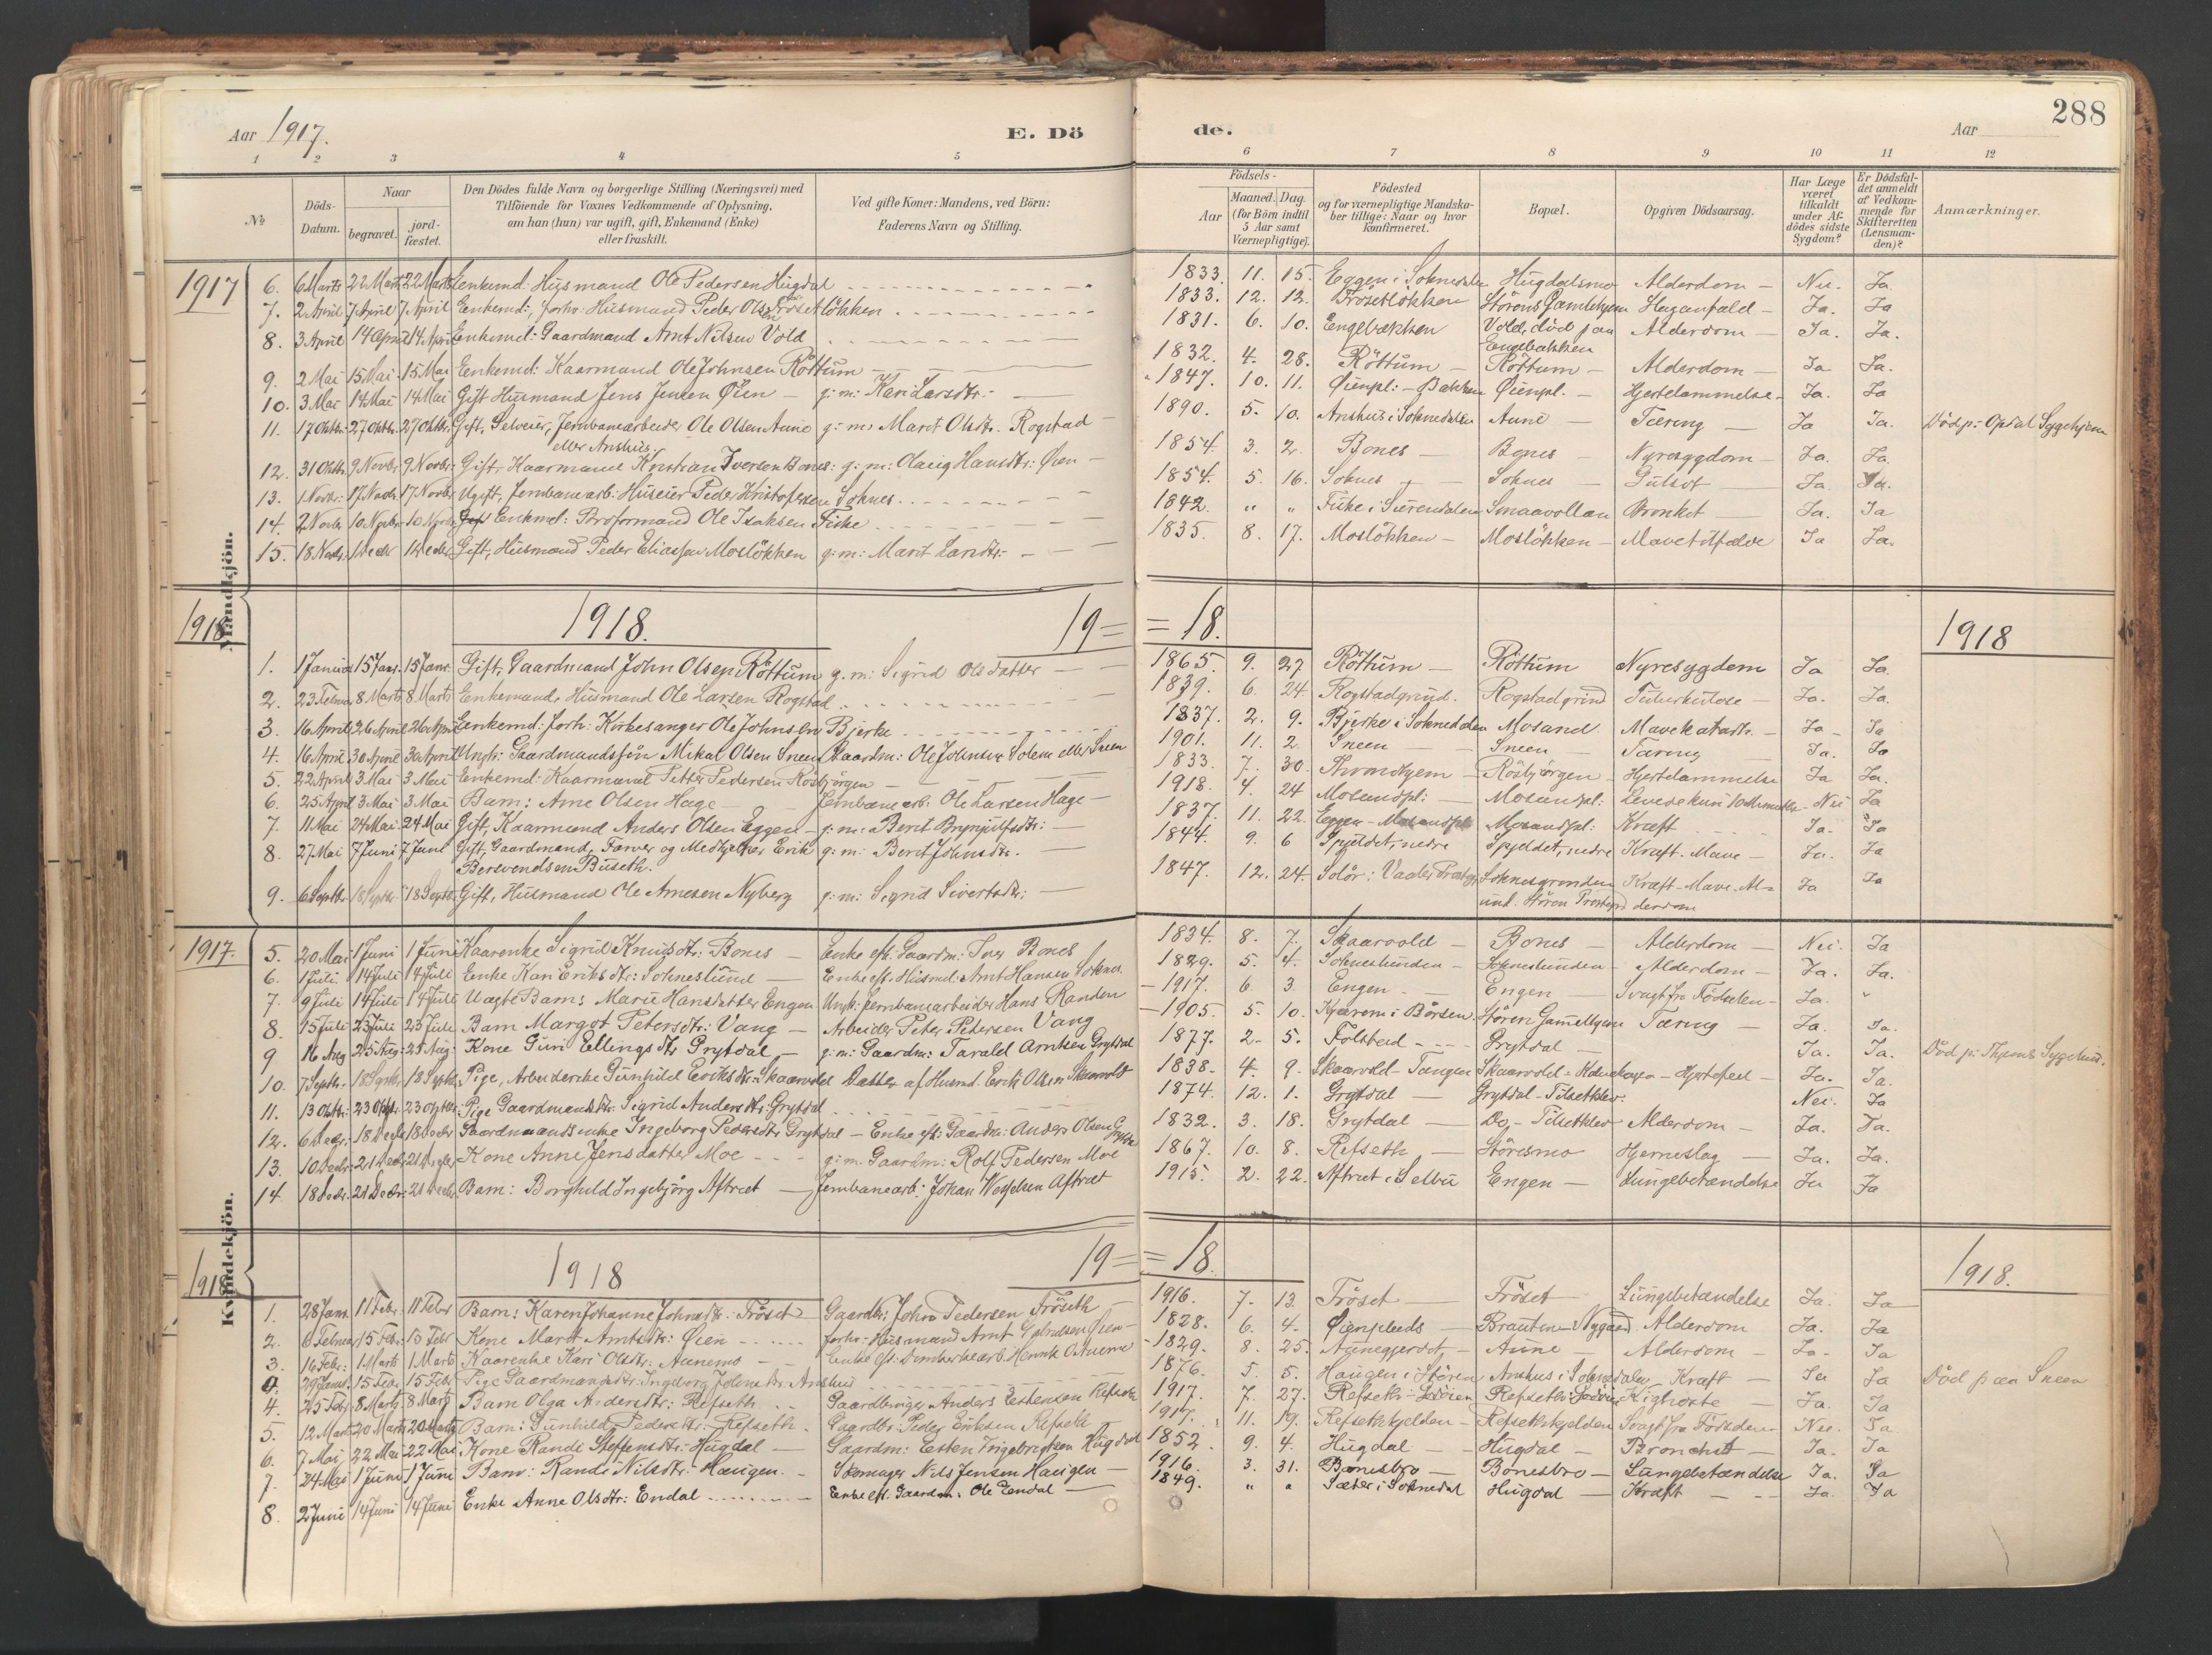 SAT, Ministerialprotokoller, klokkerbøker og fødselsregistre - Sør-Trøndelag, 687/L1004: Ministerialbok nr. 687A10, 1891-1923, s. 288